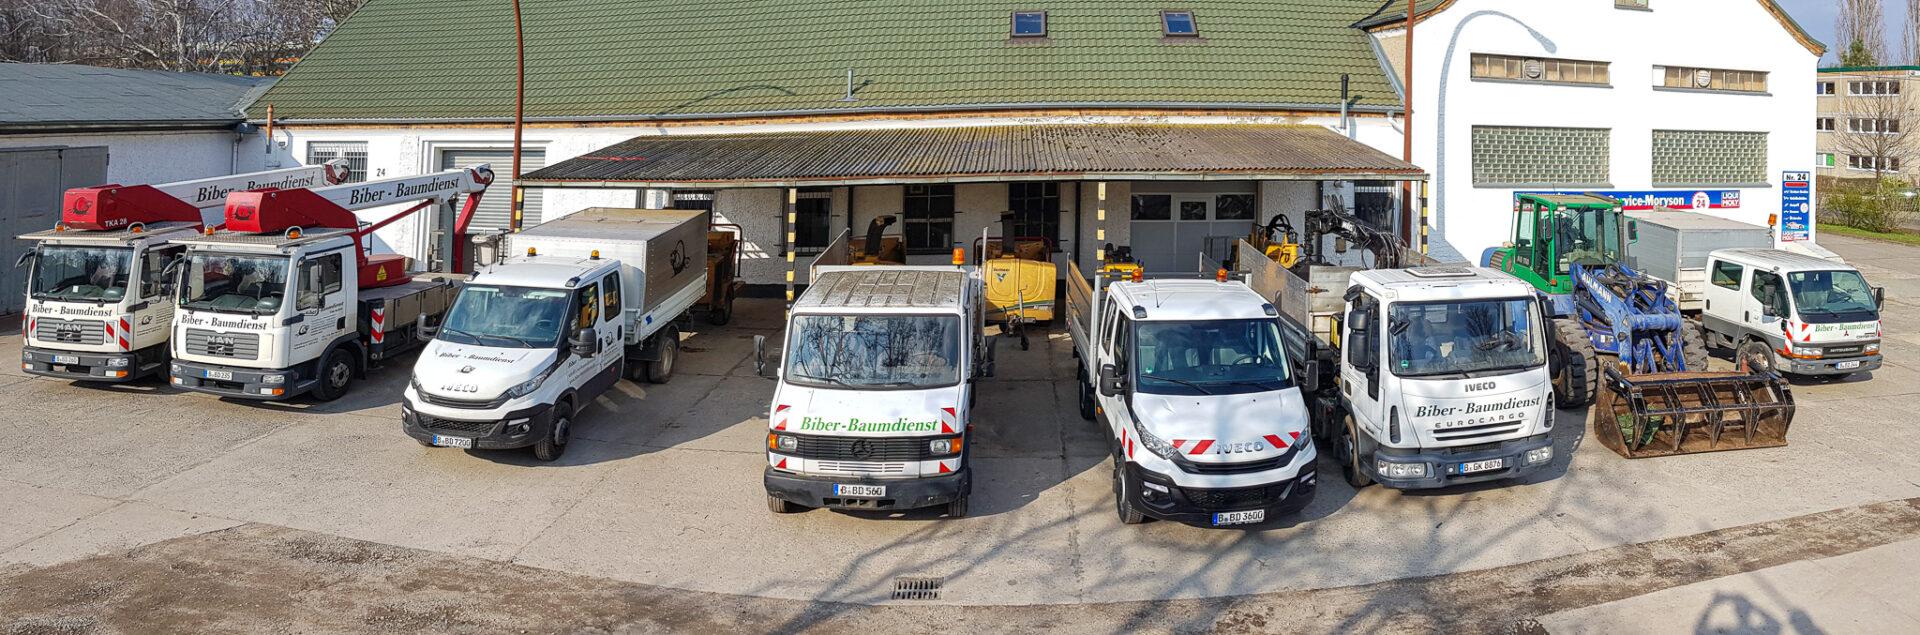 Biber-Baumdienst – Technische Ausstattung – Fuhrpark